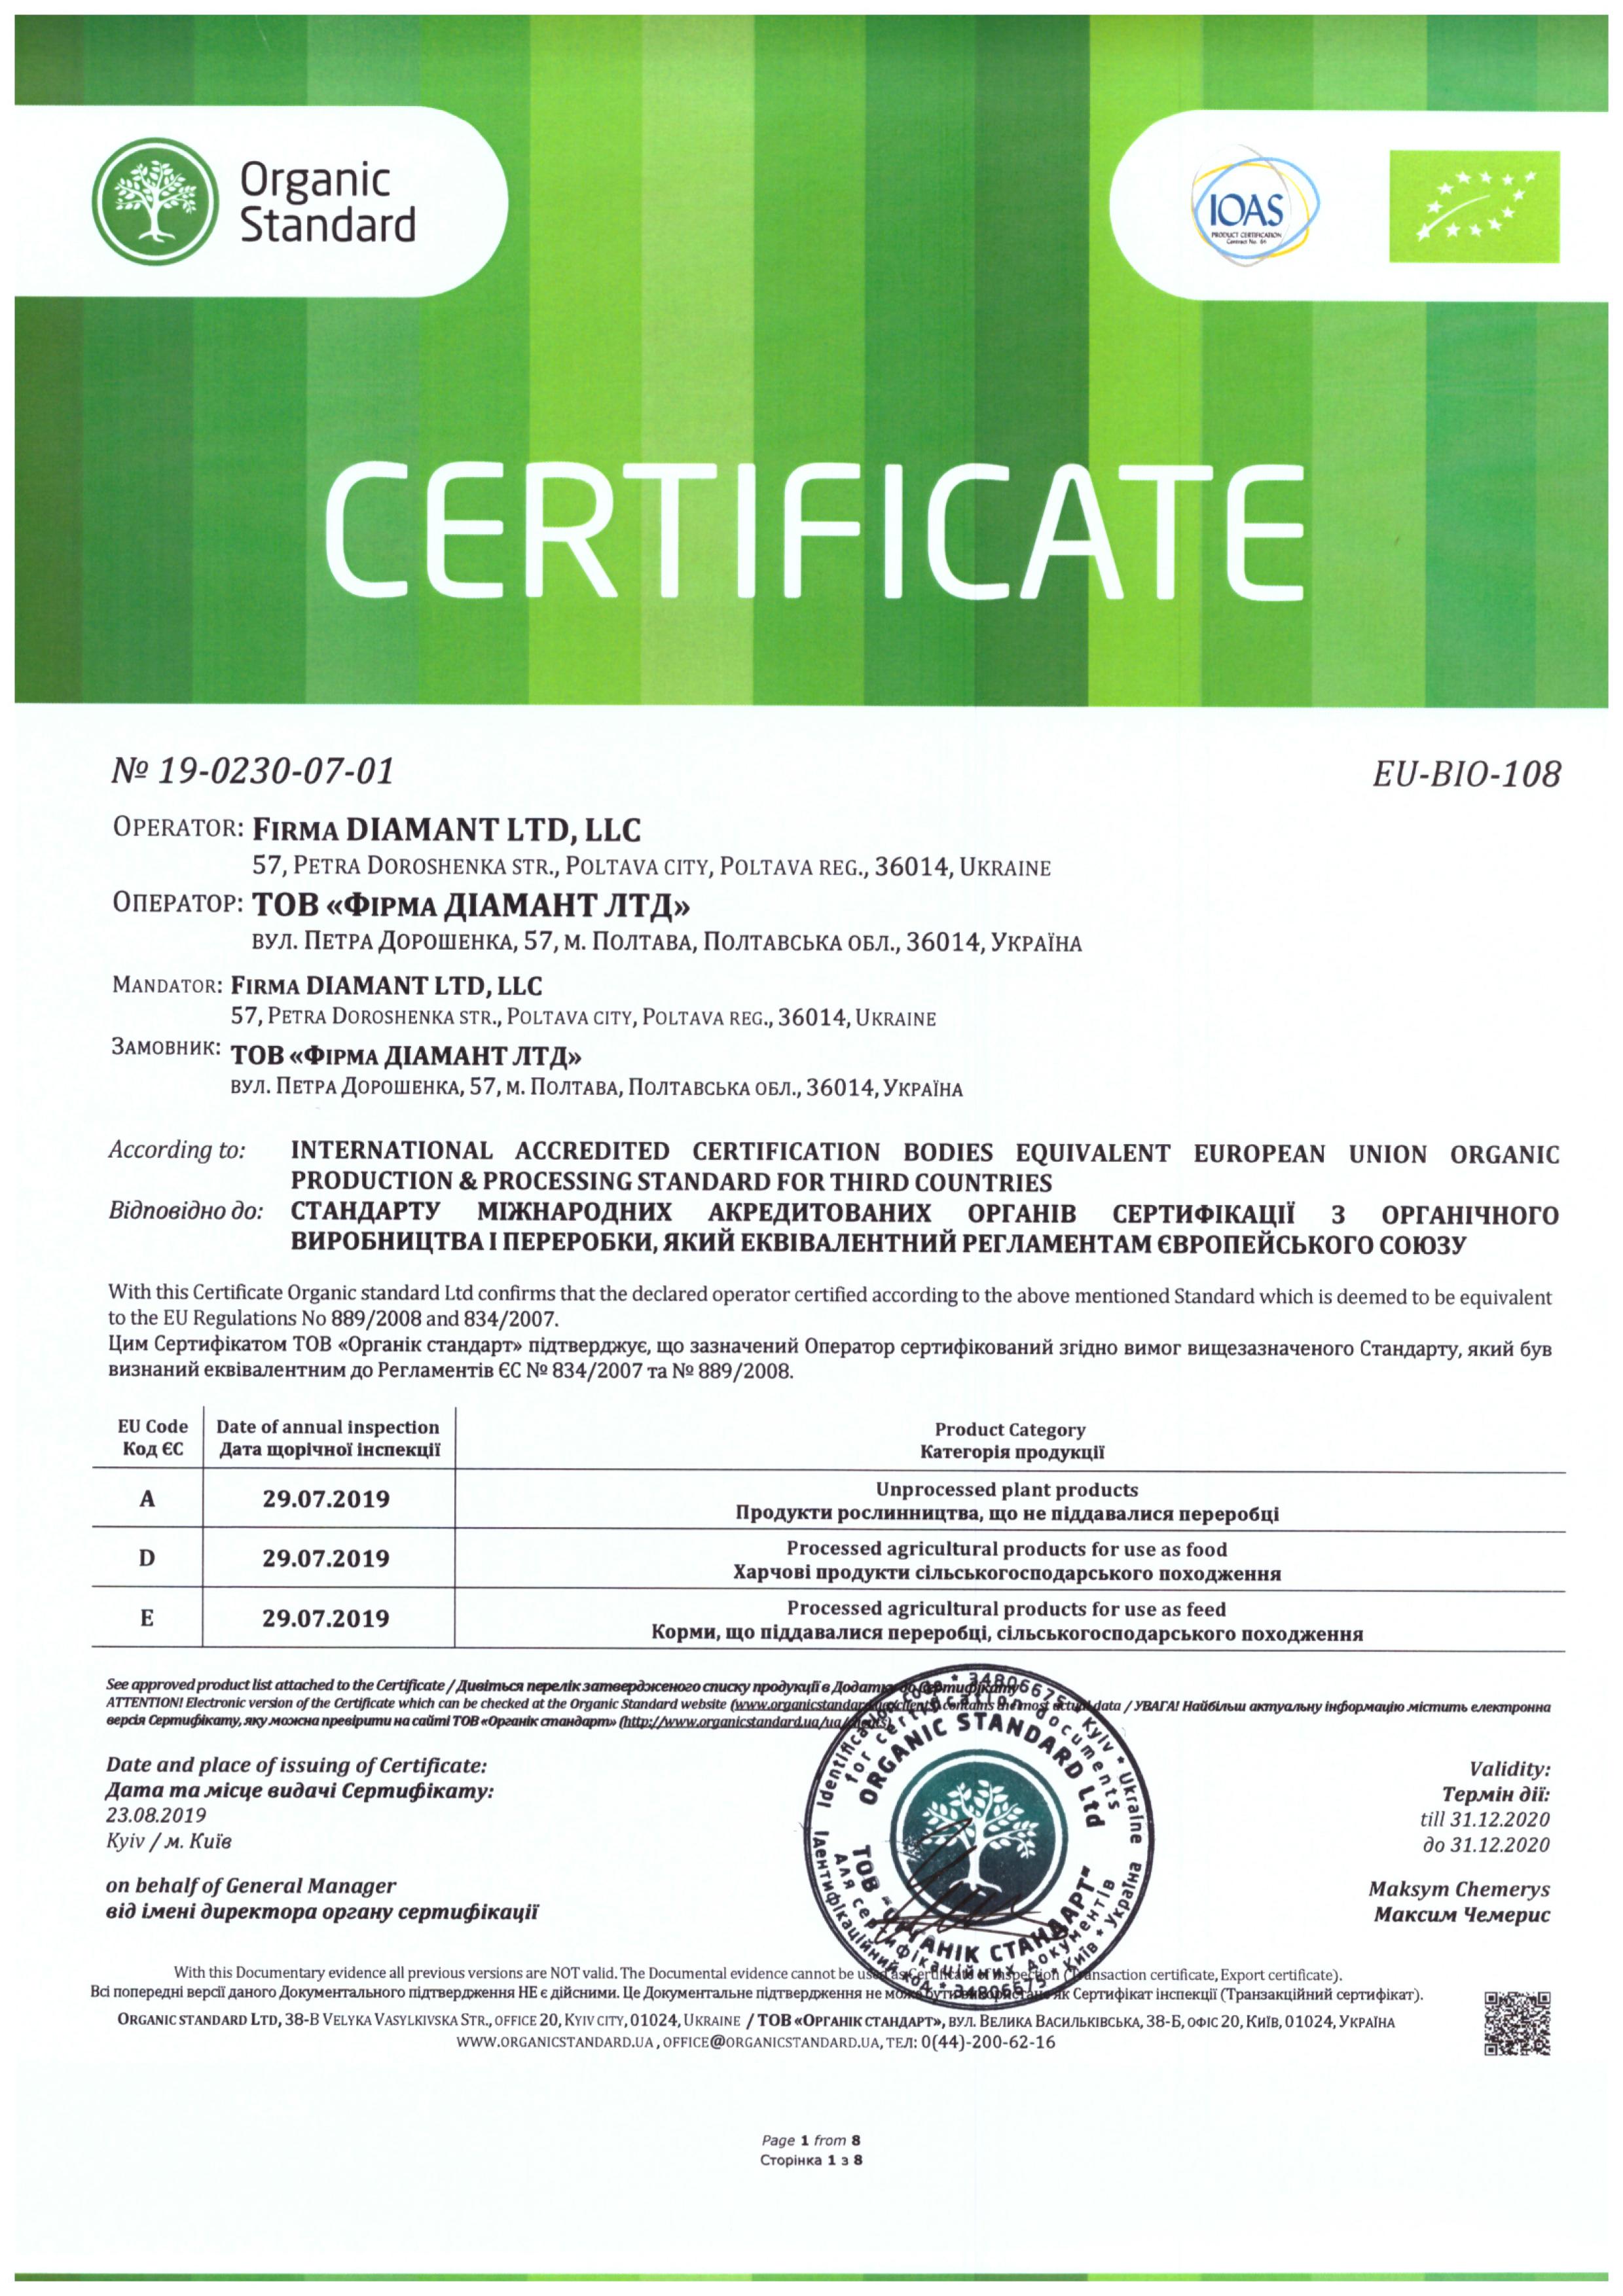 Certificate organic